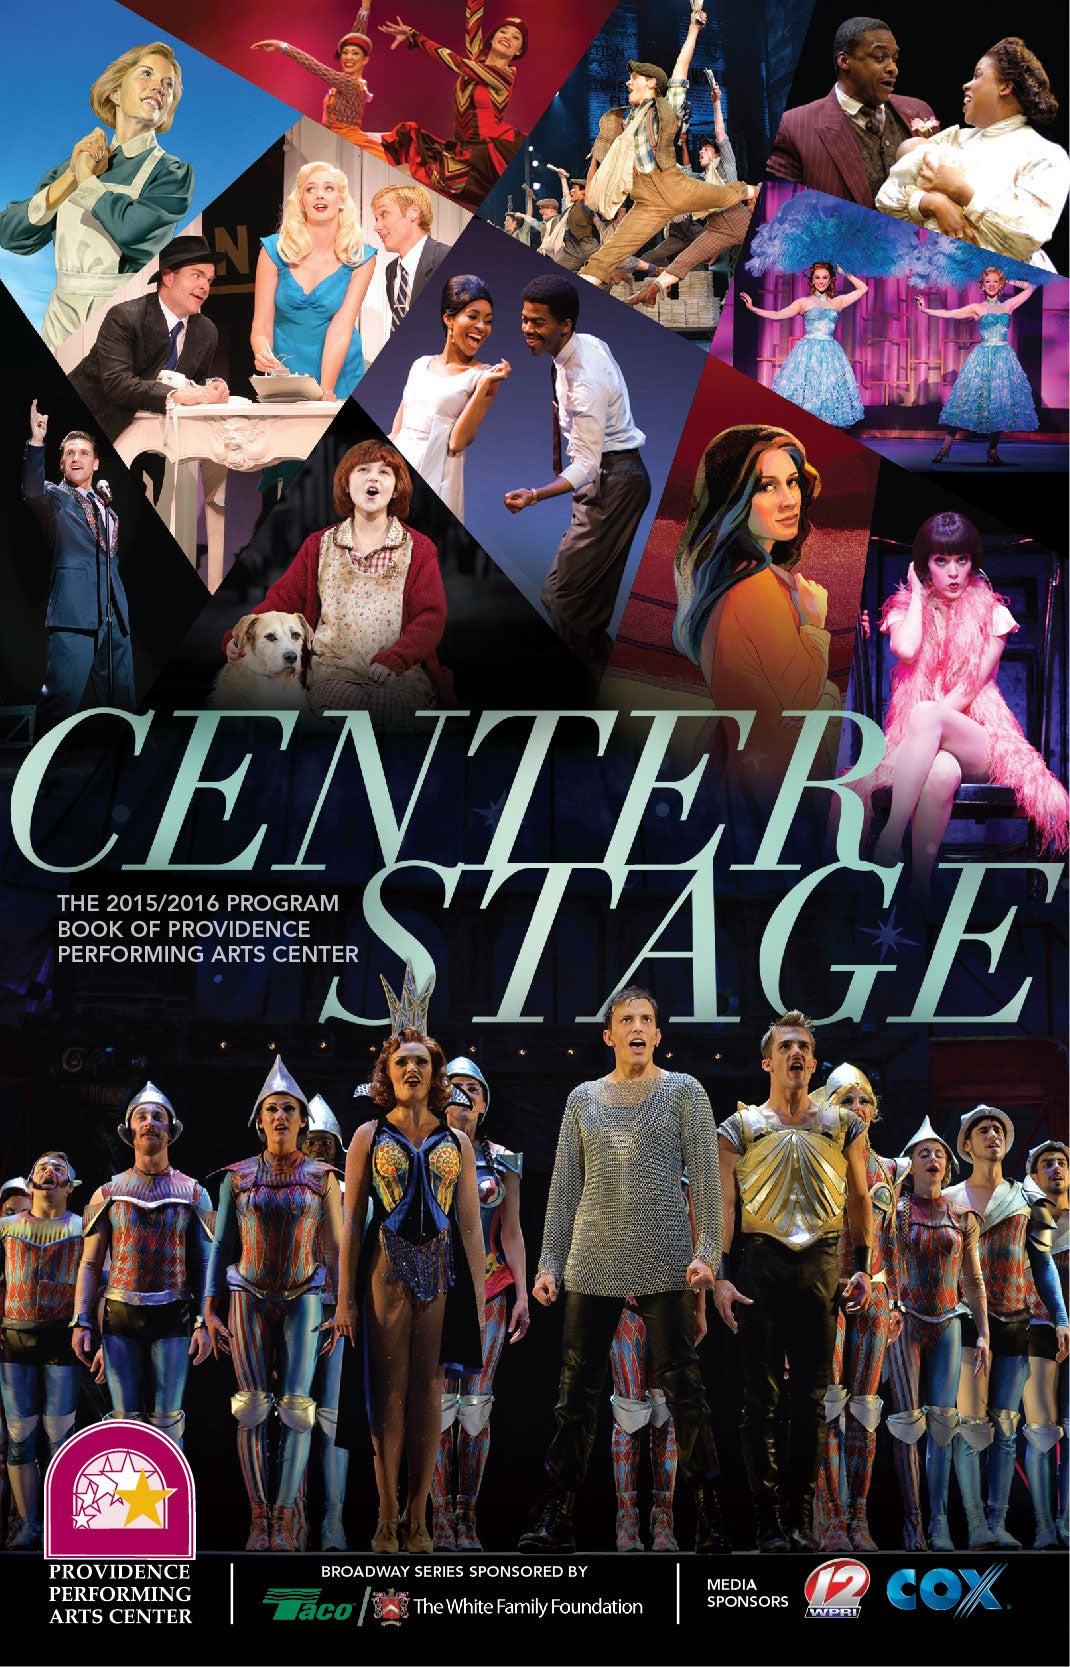 Centerstage 2015/2016